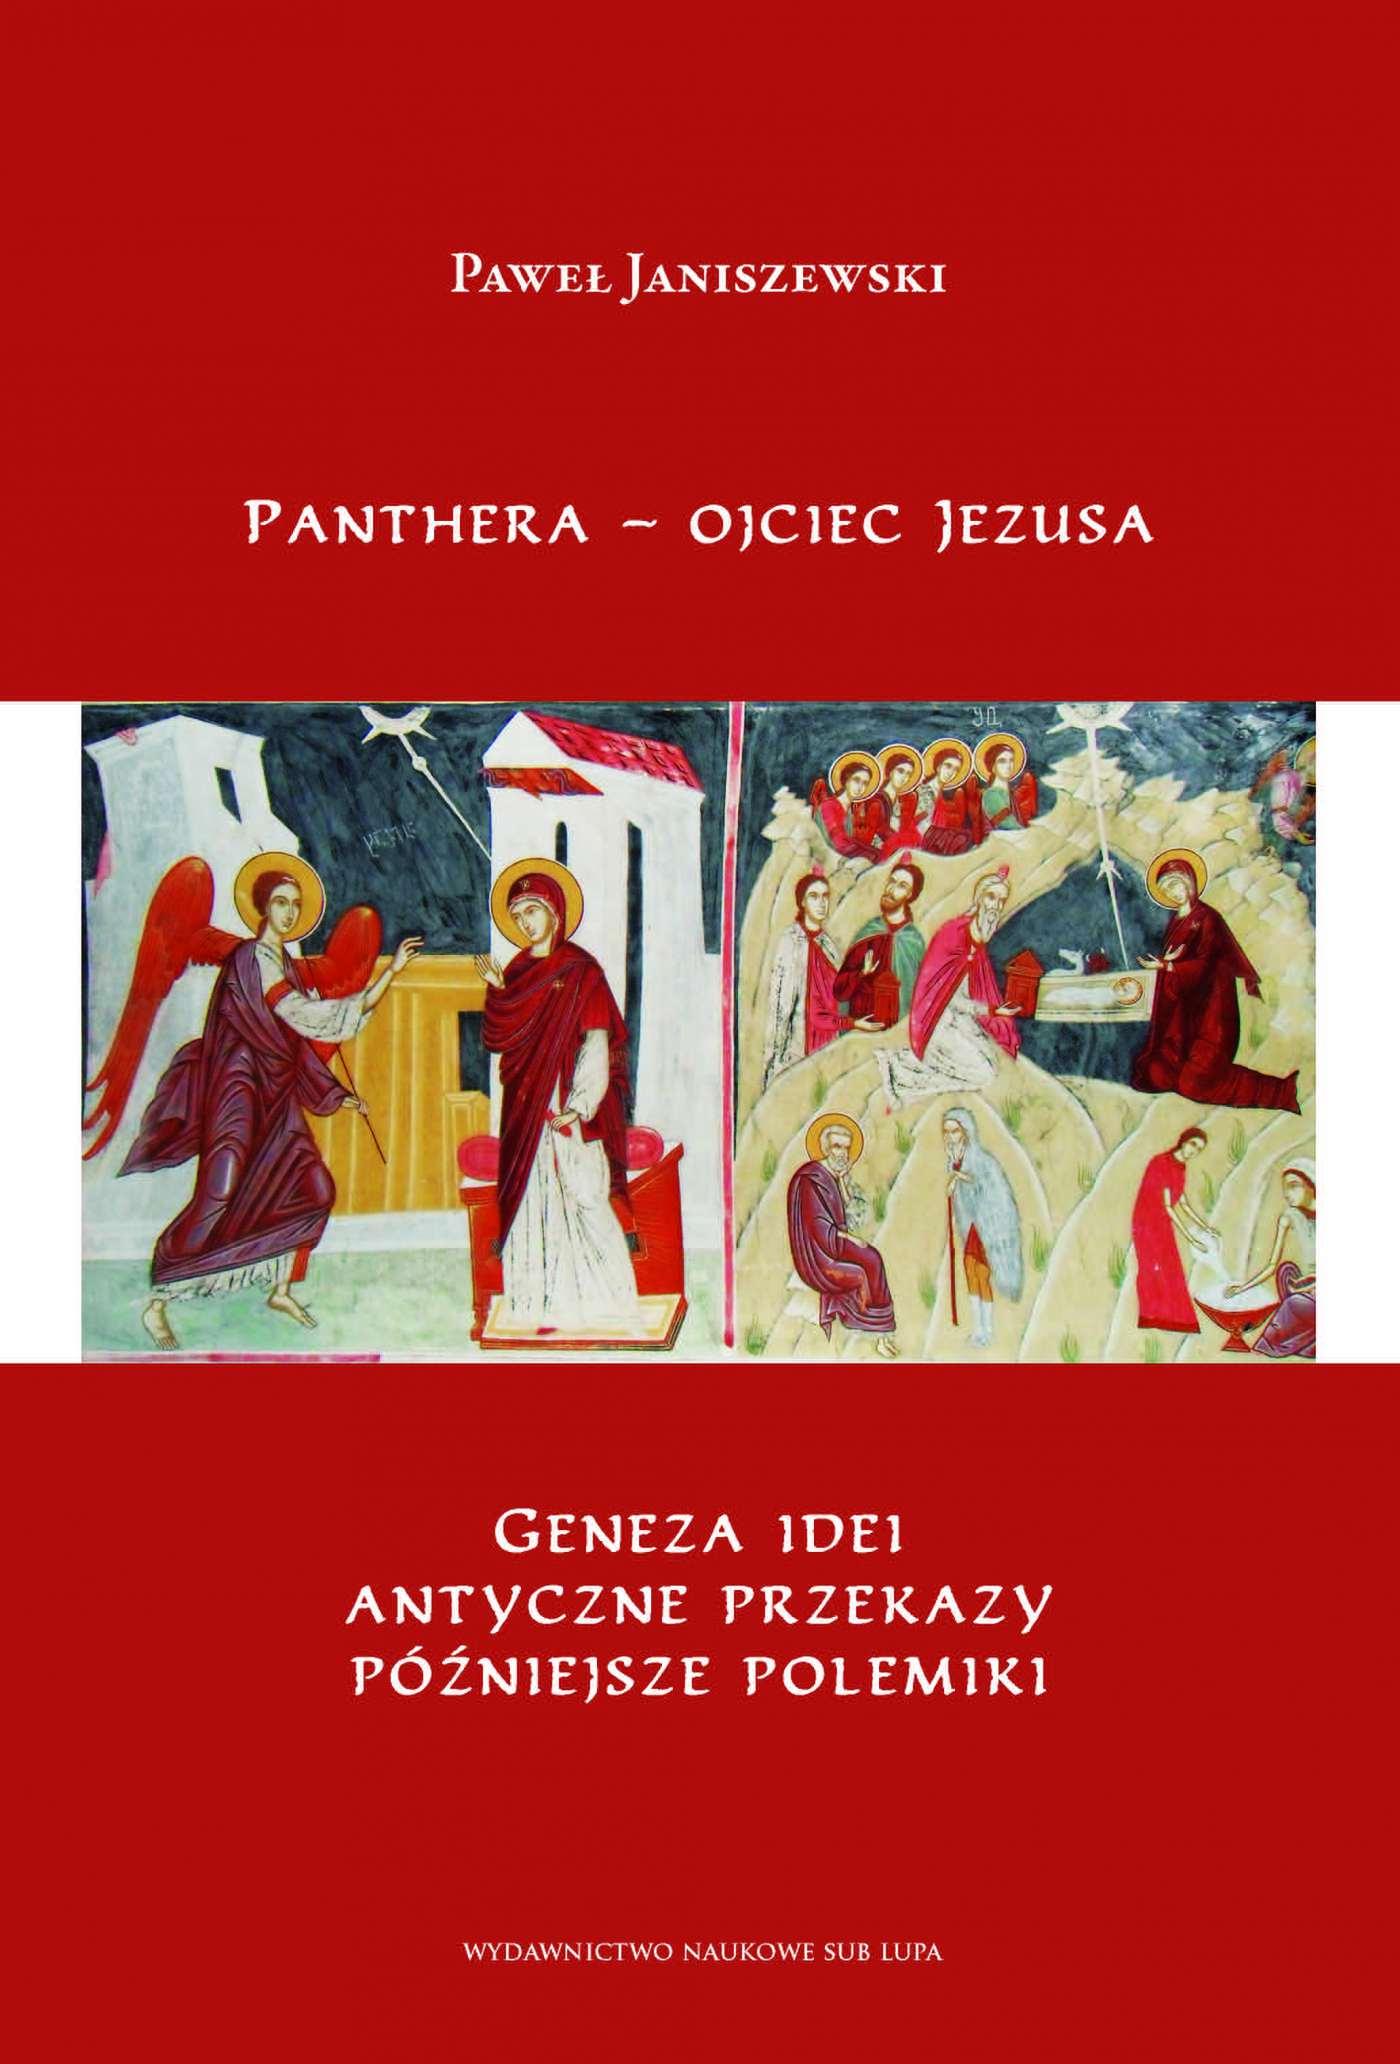 Panthera – ojciec Jezusa. Geneza idei, antyczne przekazy,  późniejsze polemiki. - Ebook (Książka EPUB) do pobrania w formacie EPUB